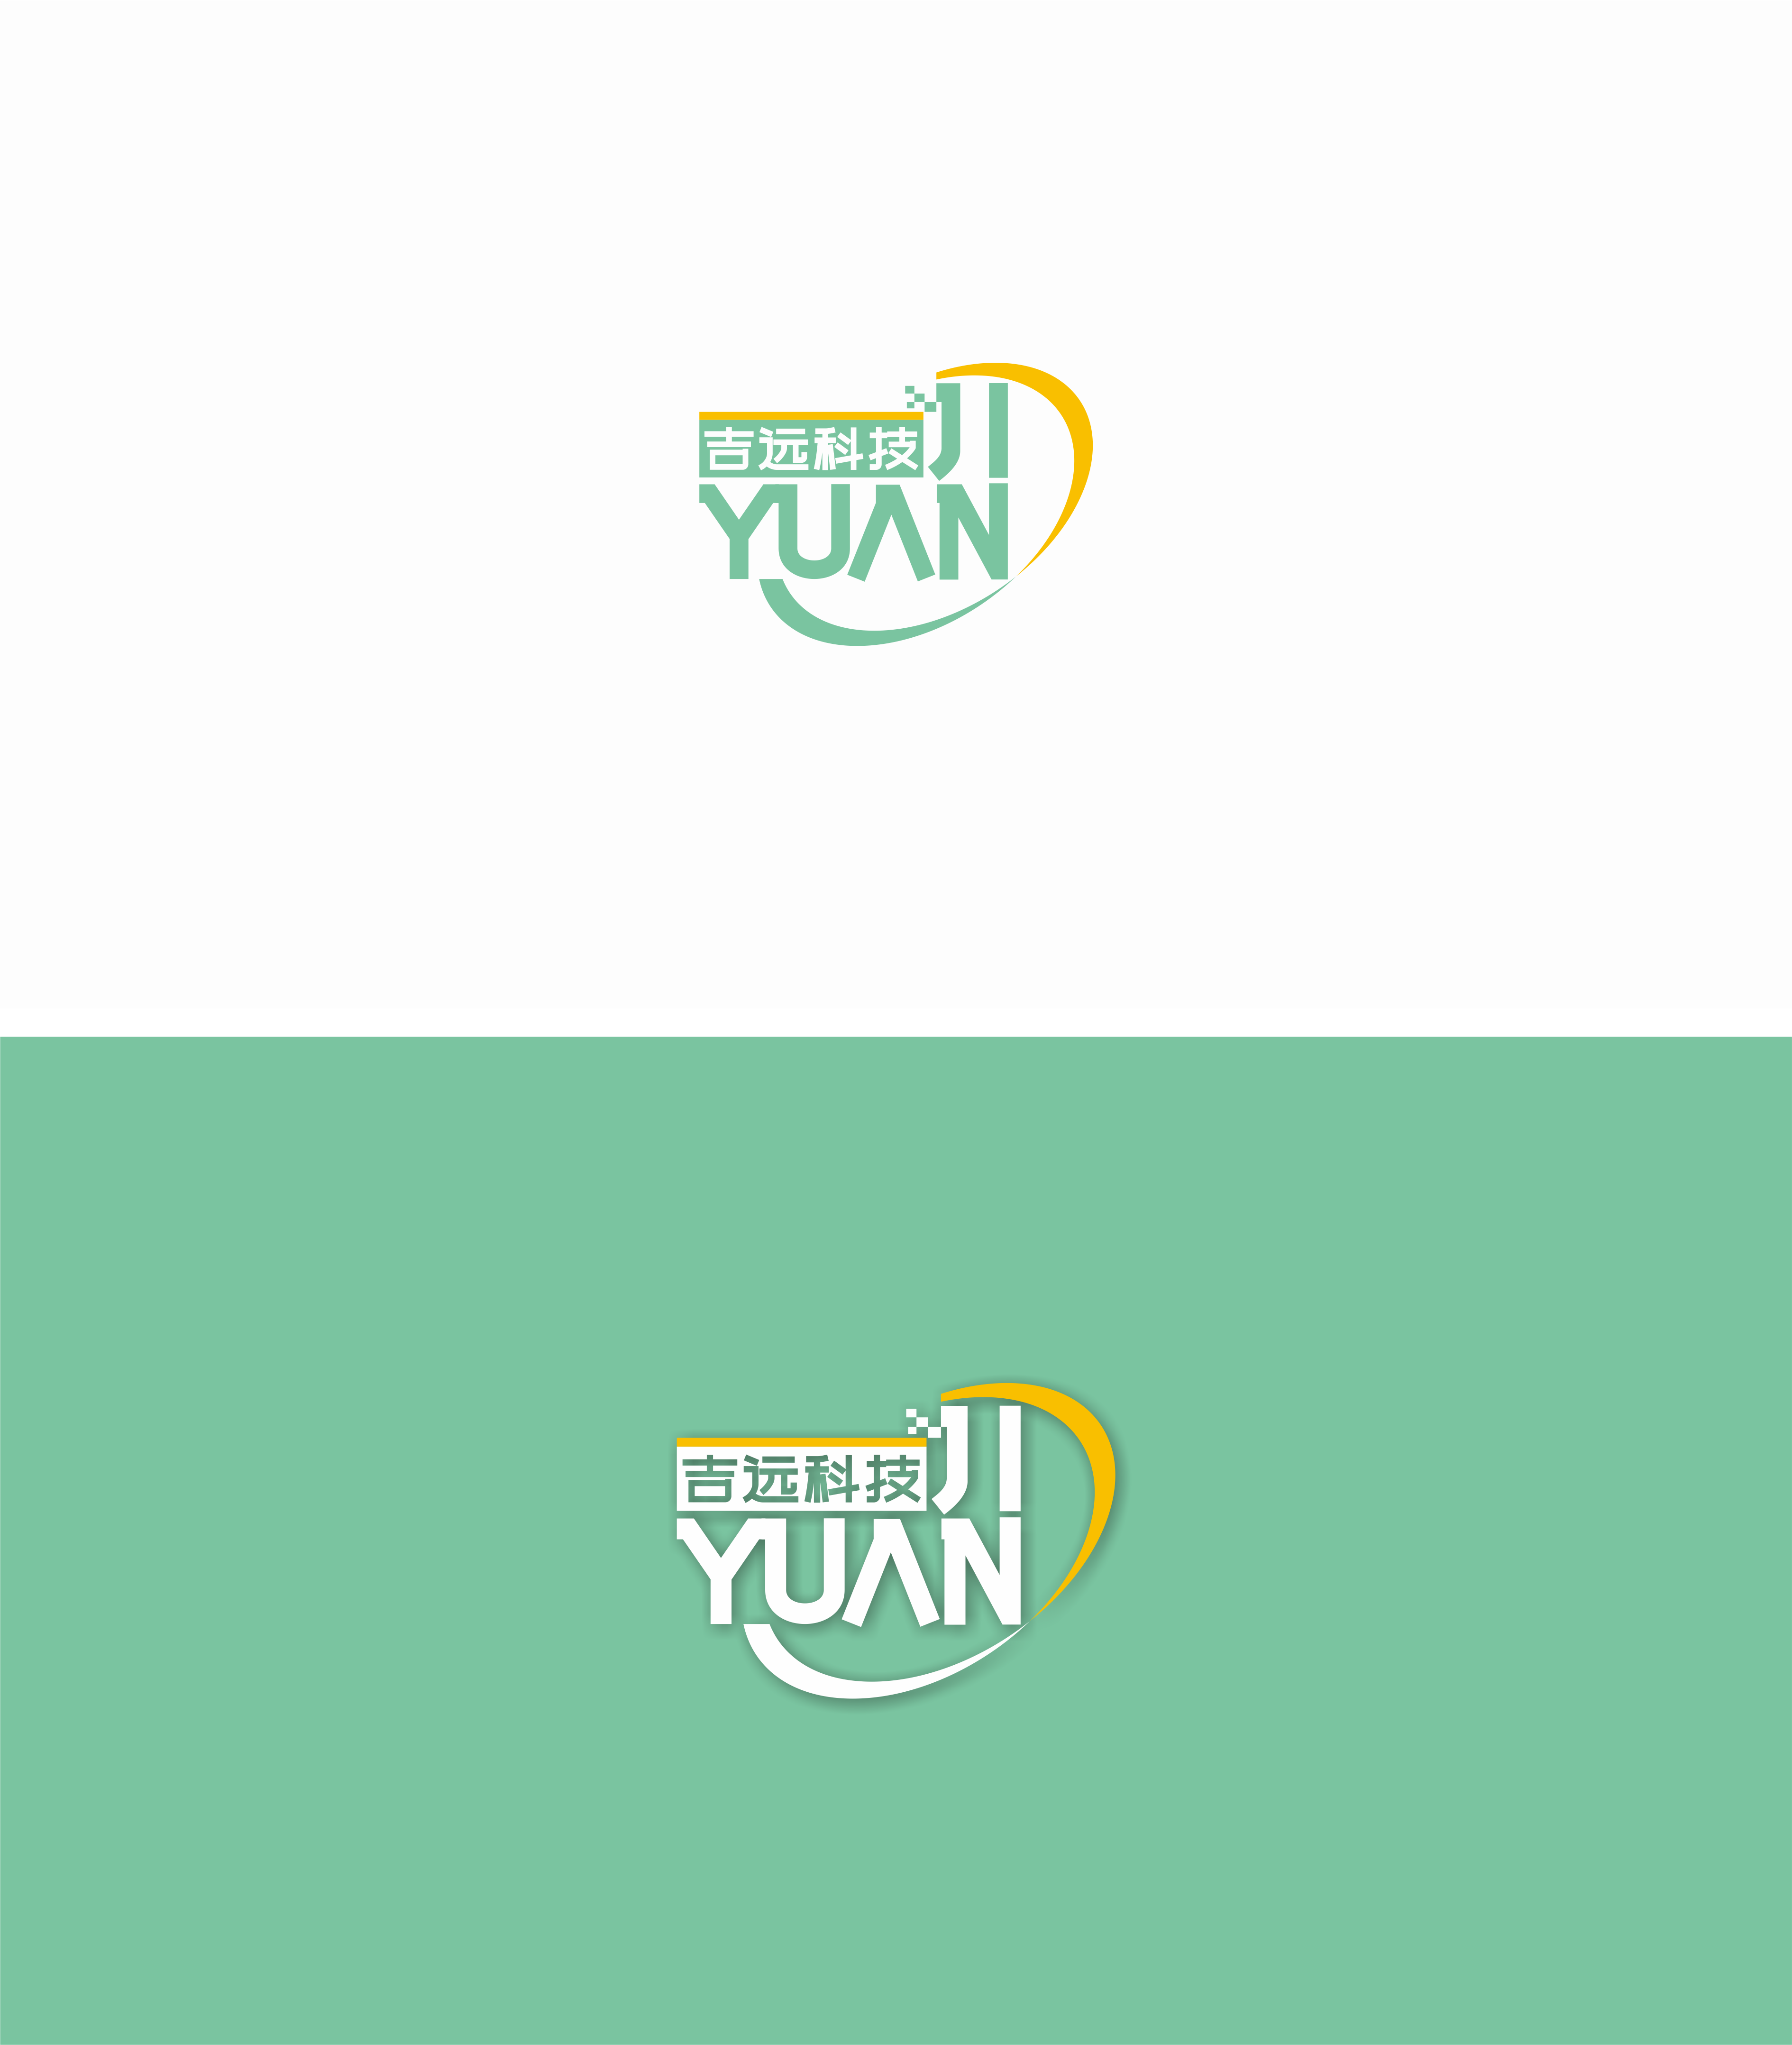 智能硬件公司Logo设计_2963268_k68威客网